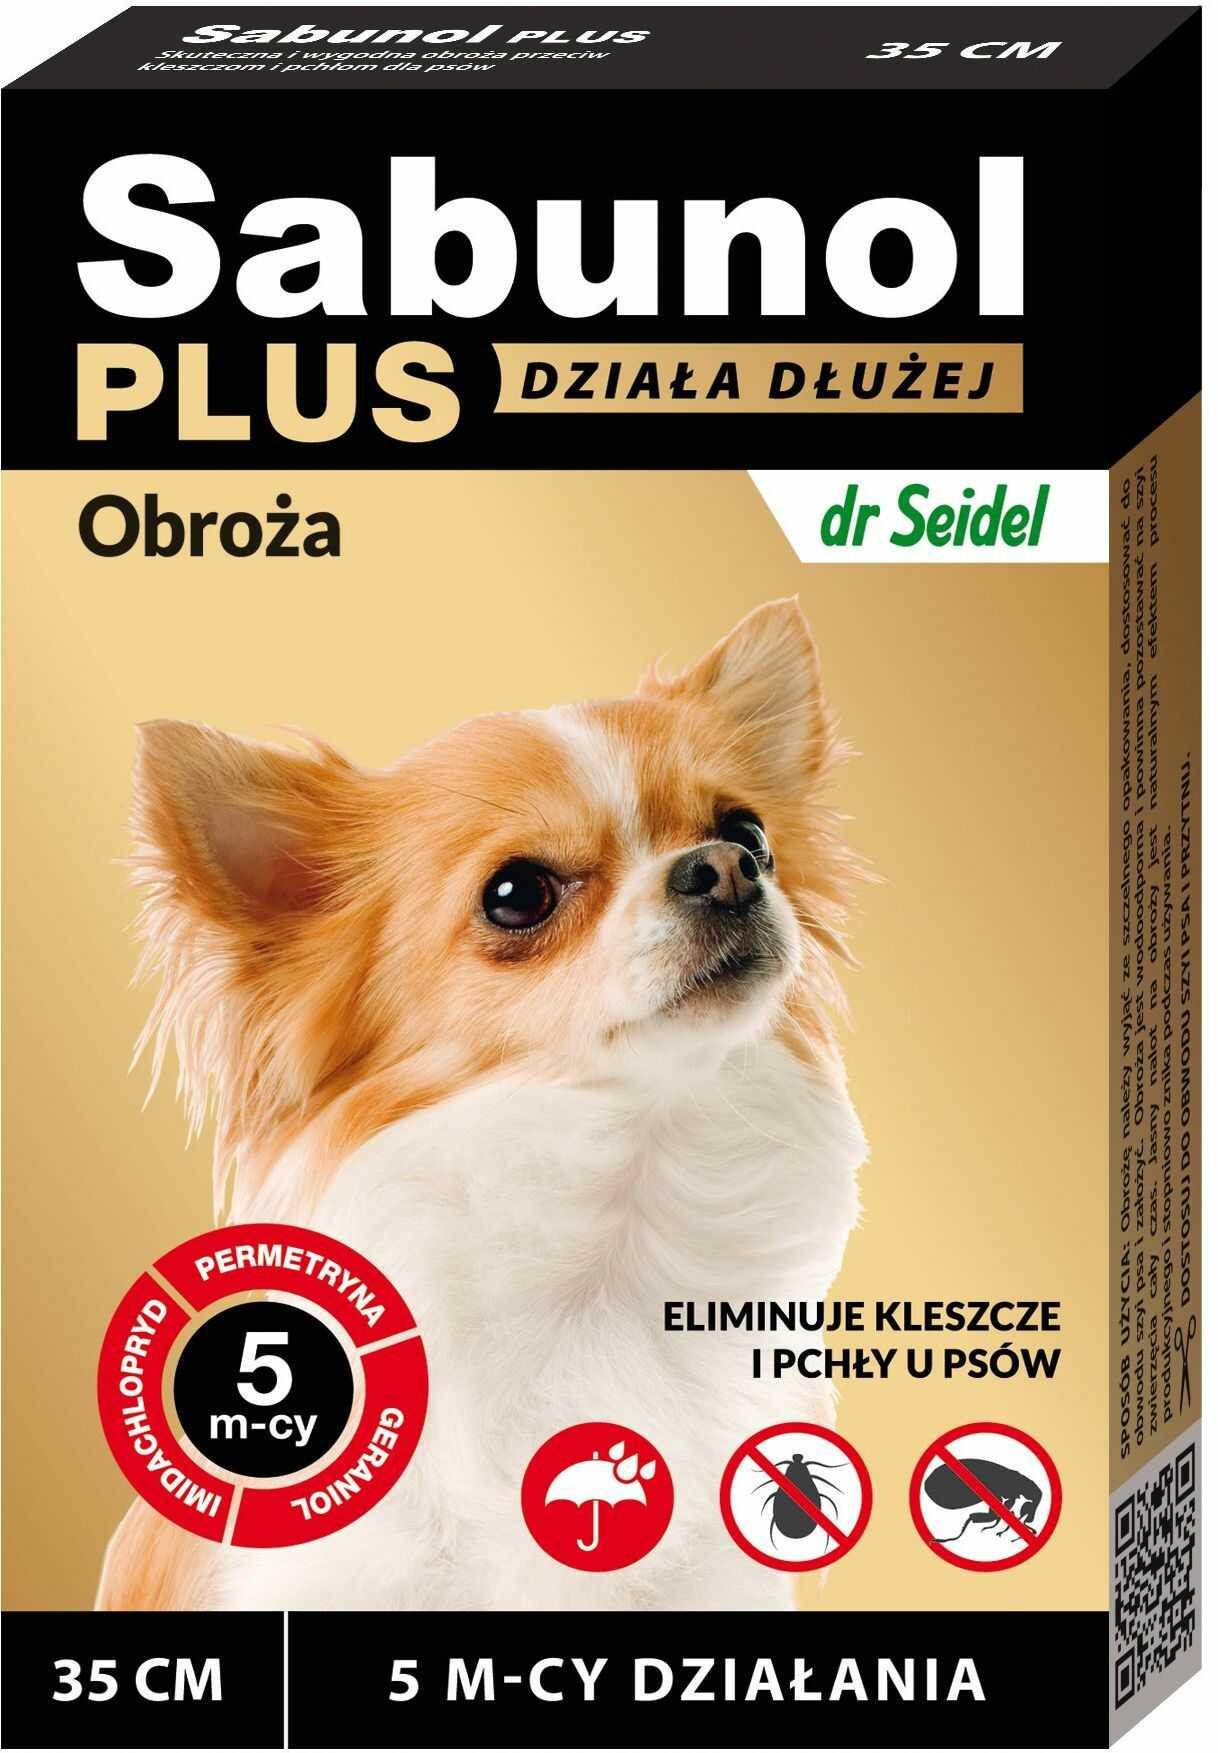 Sabunol Plus obroża przeciw kleszczom i pchłom dla psa 35 cm